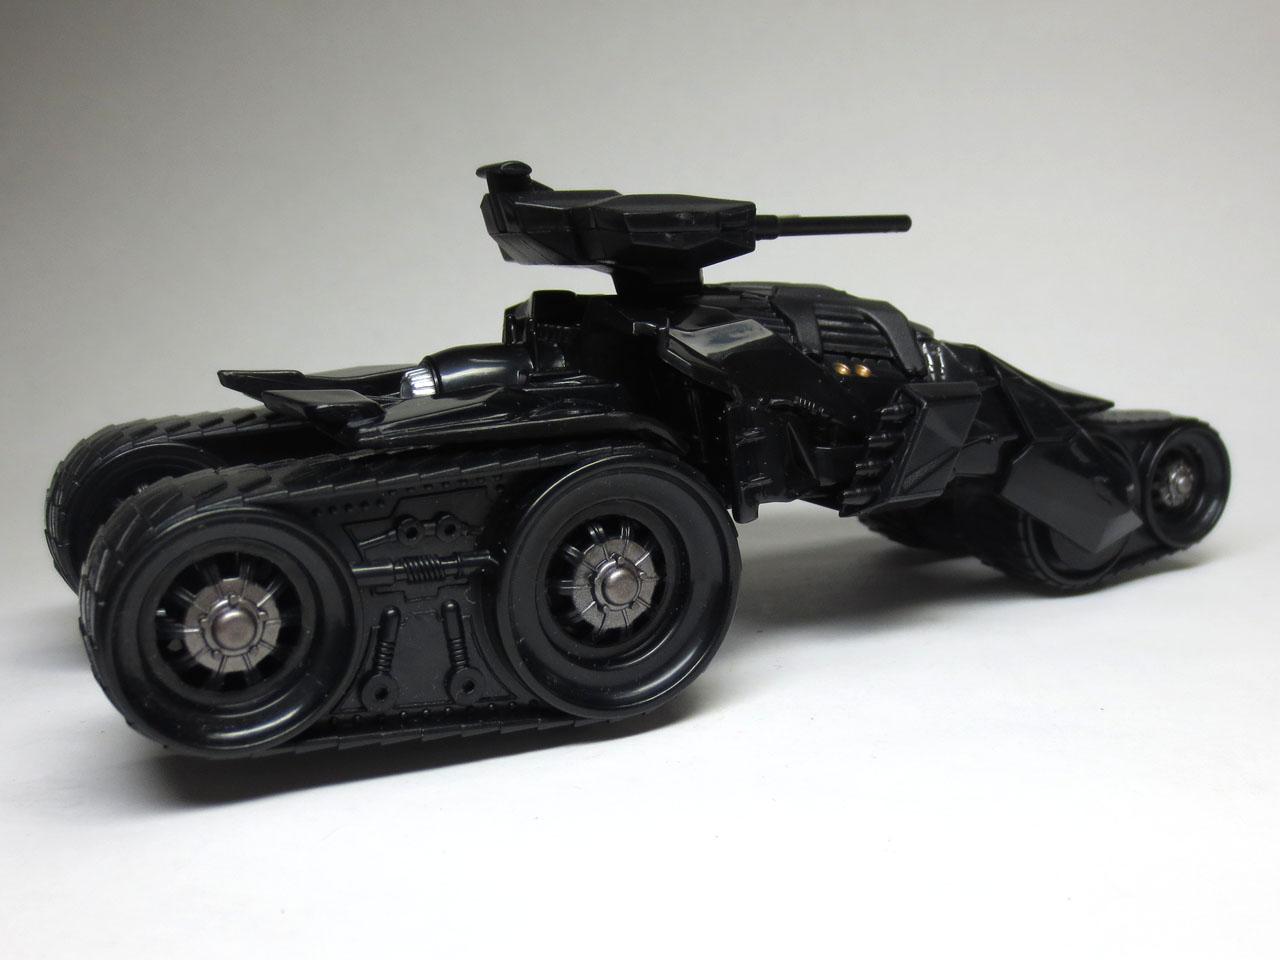 HW_custom_motors_batmobile_4th_29.jpg